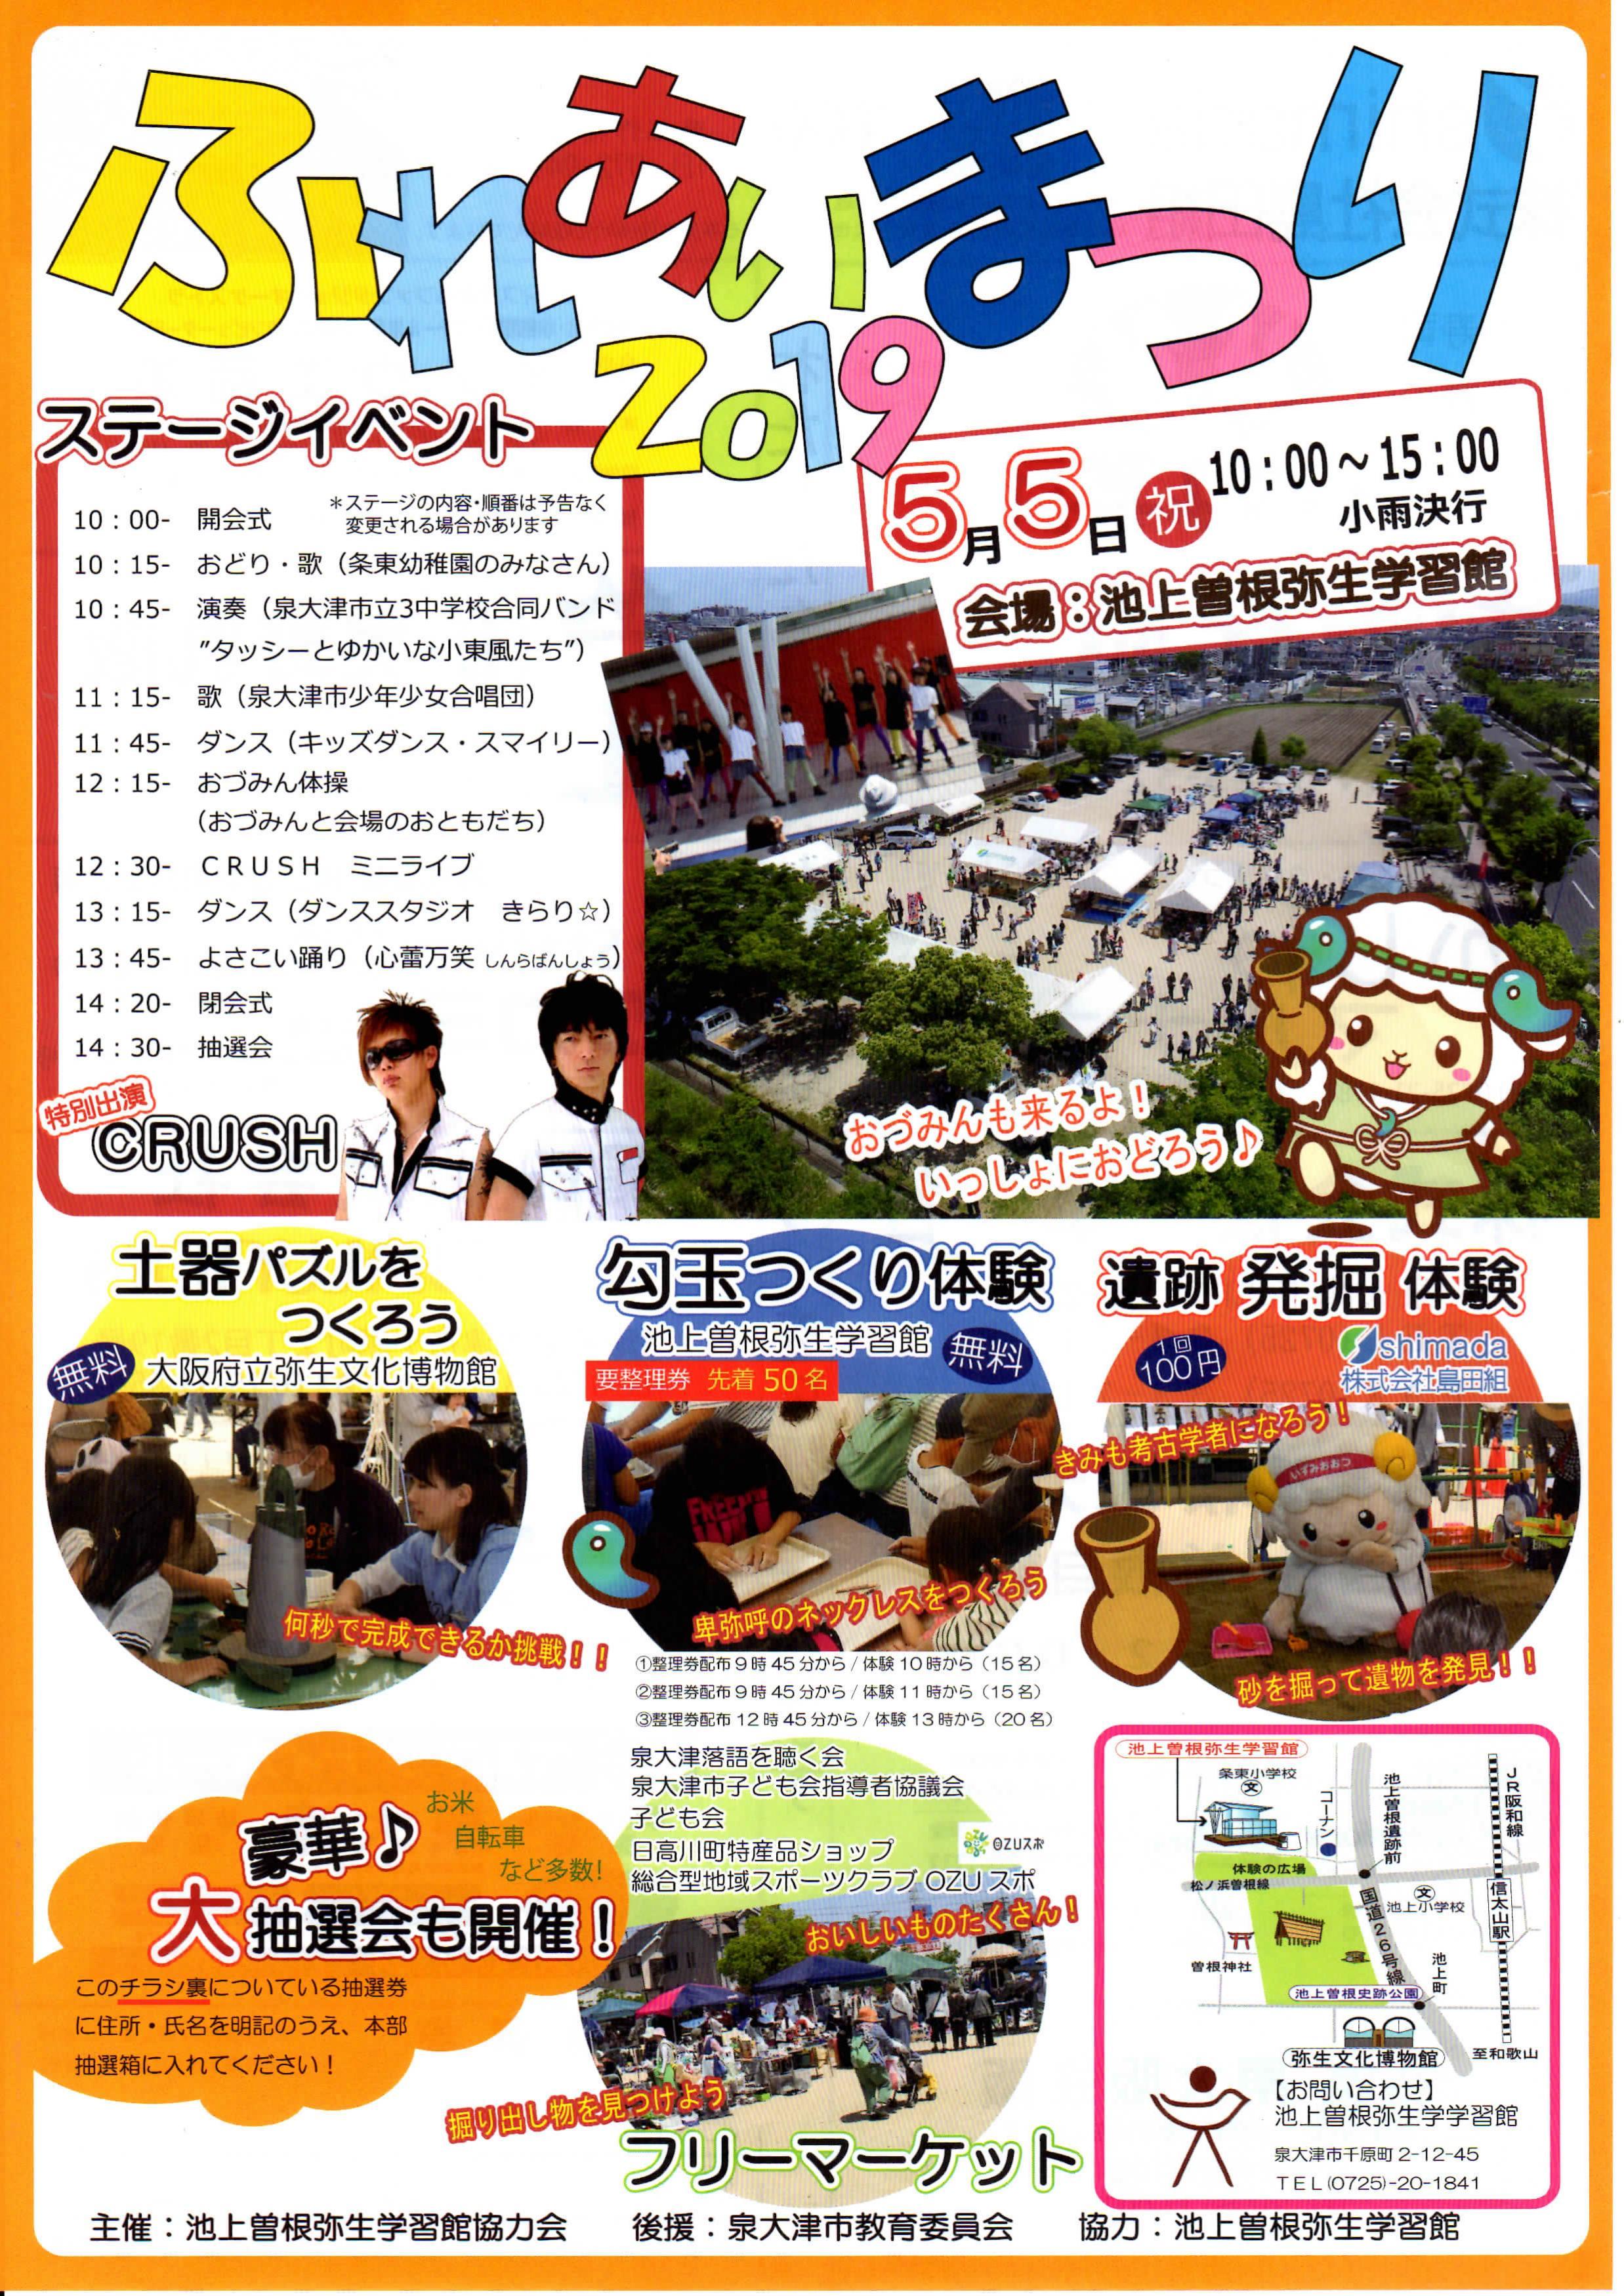 【終了】2019年5月5日(日・祝) ふれあいまつり2019 池上曽根弥生学習館